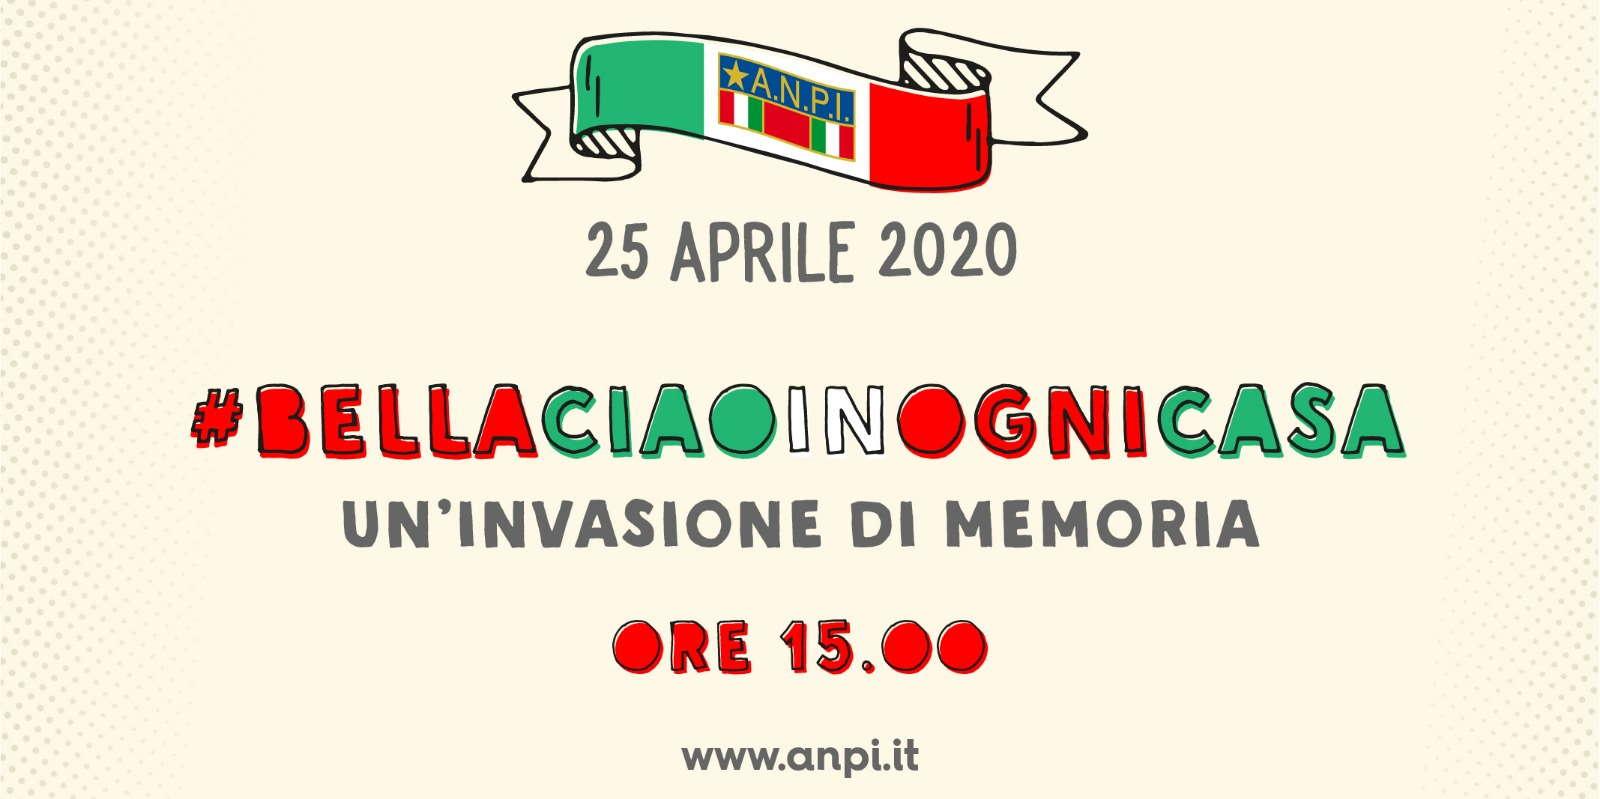 Il programma dell'ANPI per il 75° anniversario della Festa della Liberazione